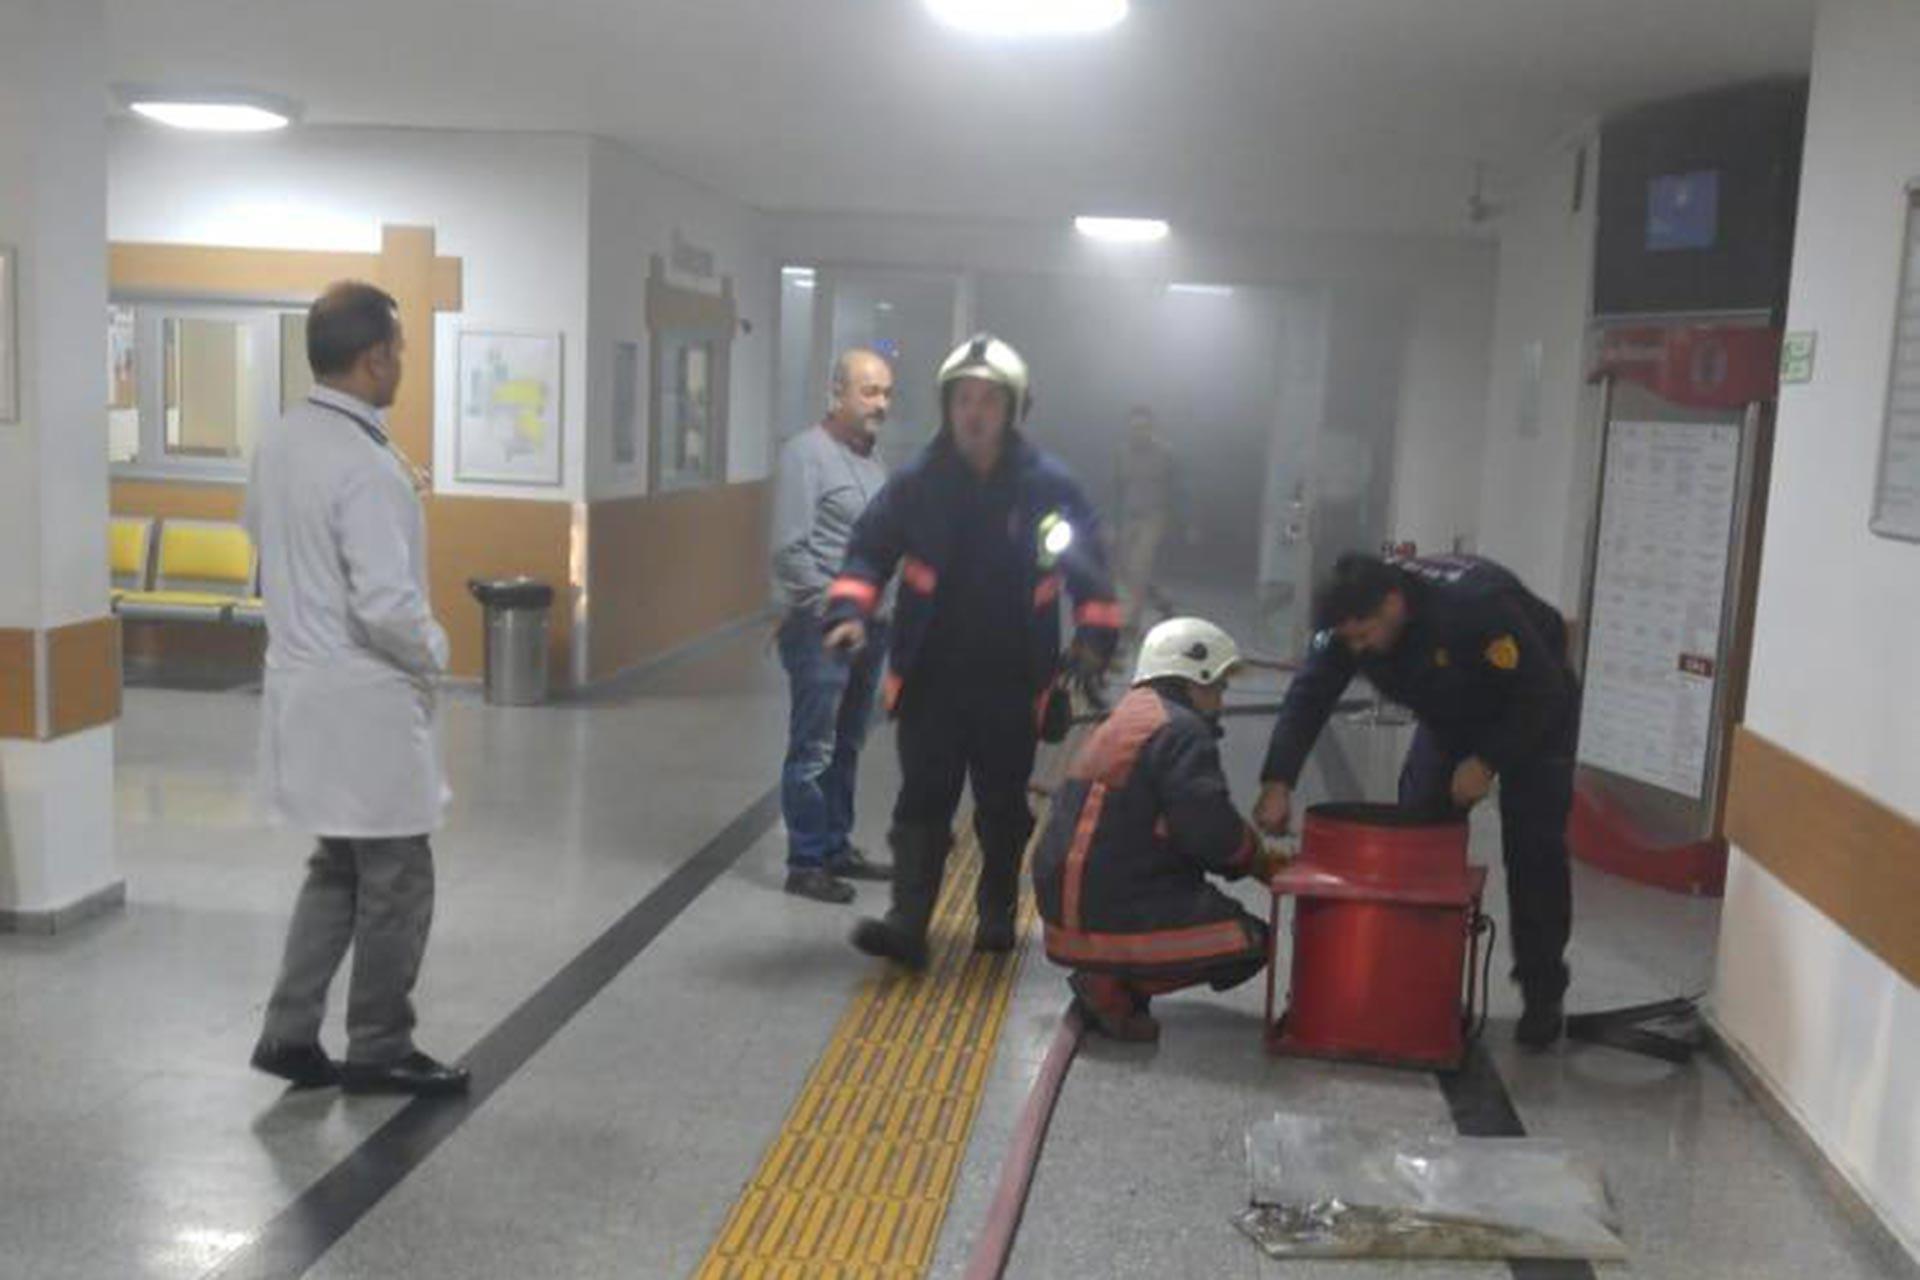 Ankara İbni Sina Hastanesinin arşiv bölümünde çıkan yangına itfaiye ekipleri müdahale ederken